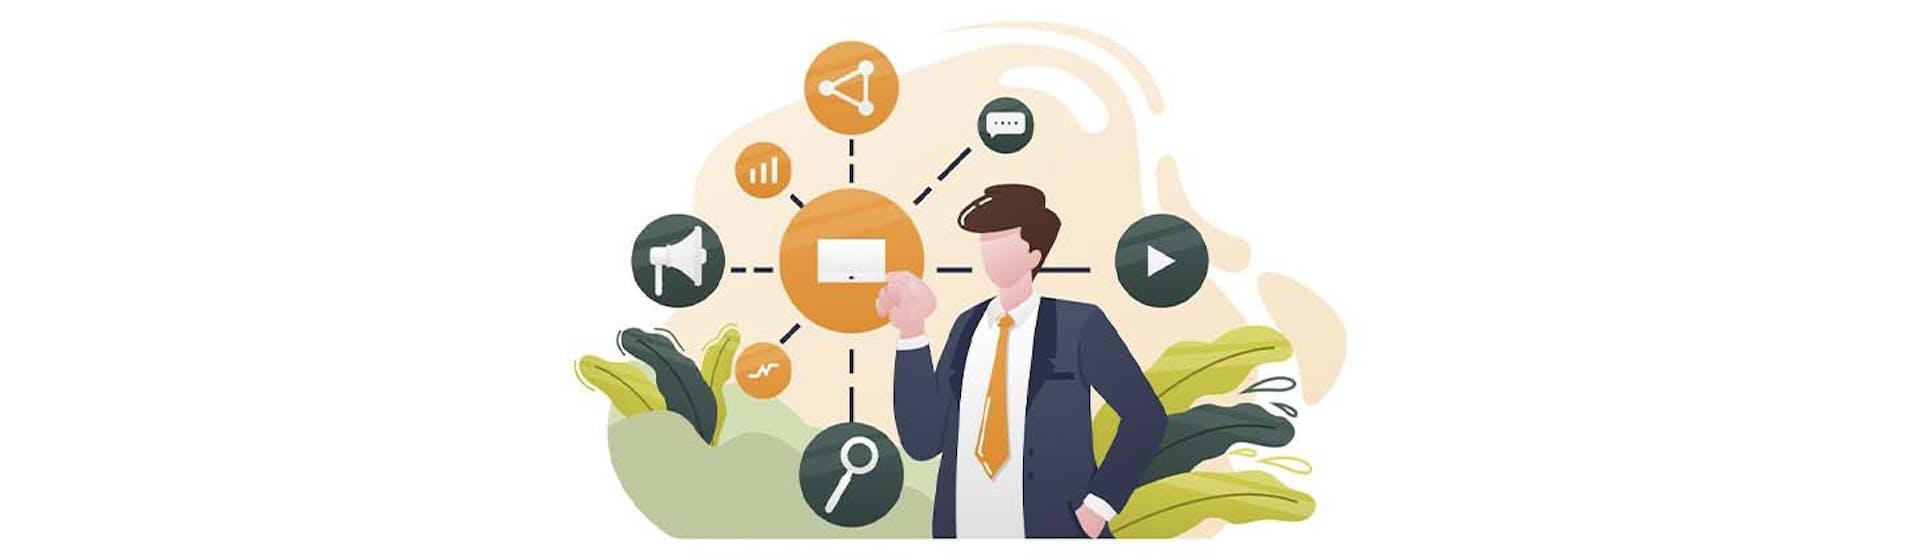 Las claves para organizar el mejor negocio posible